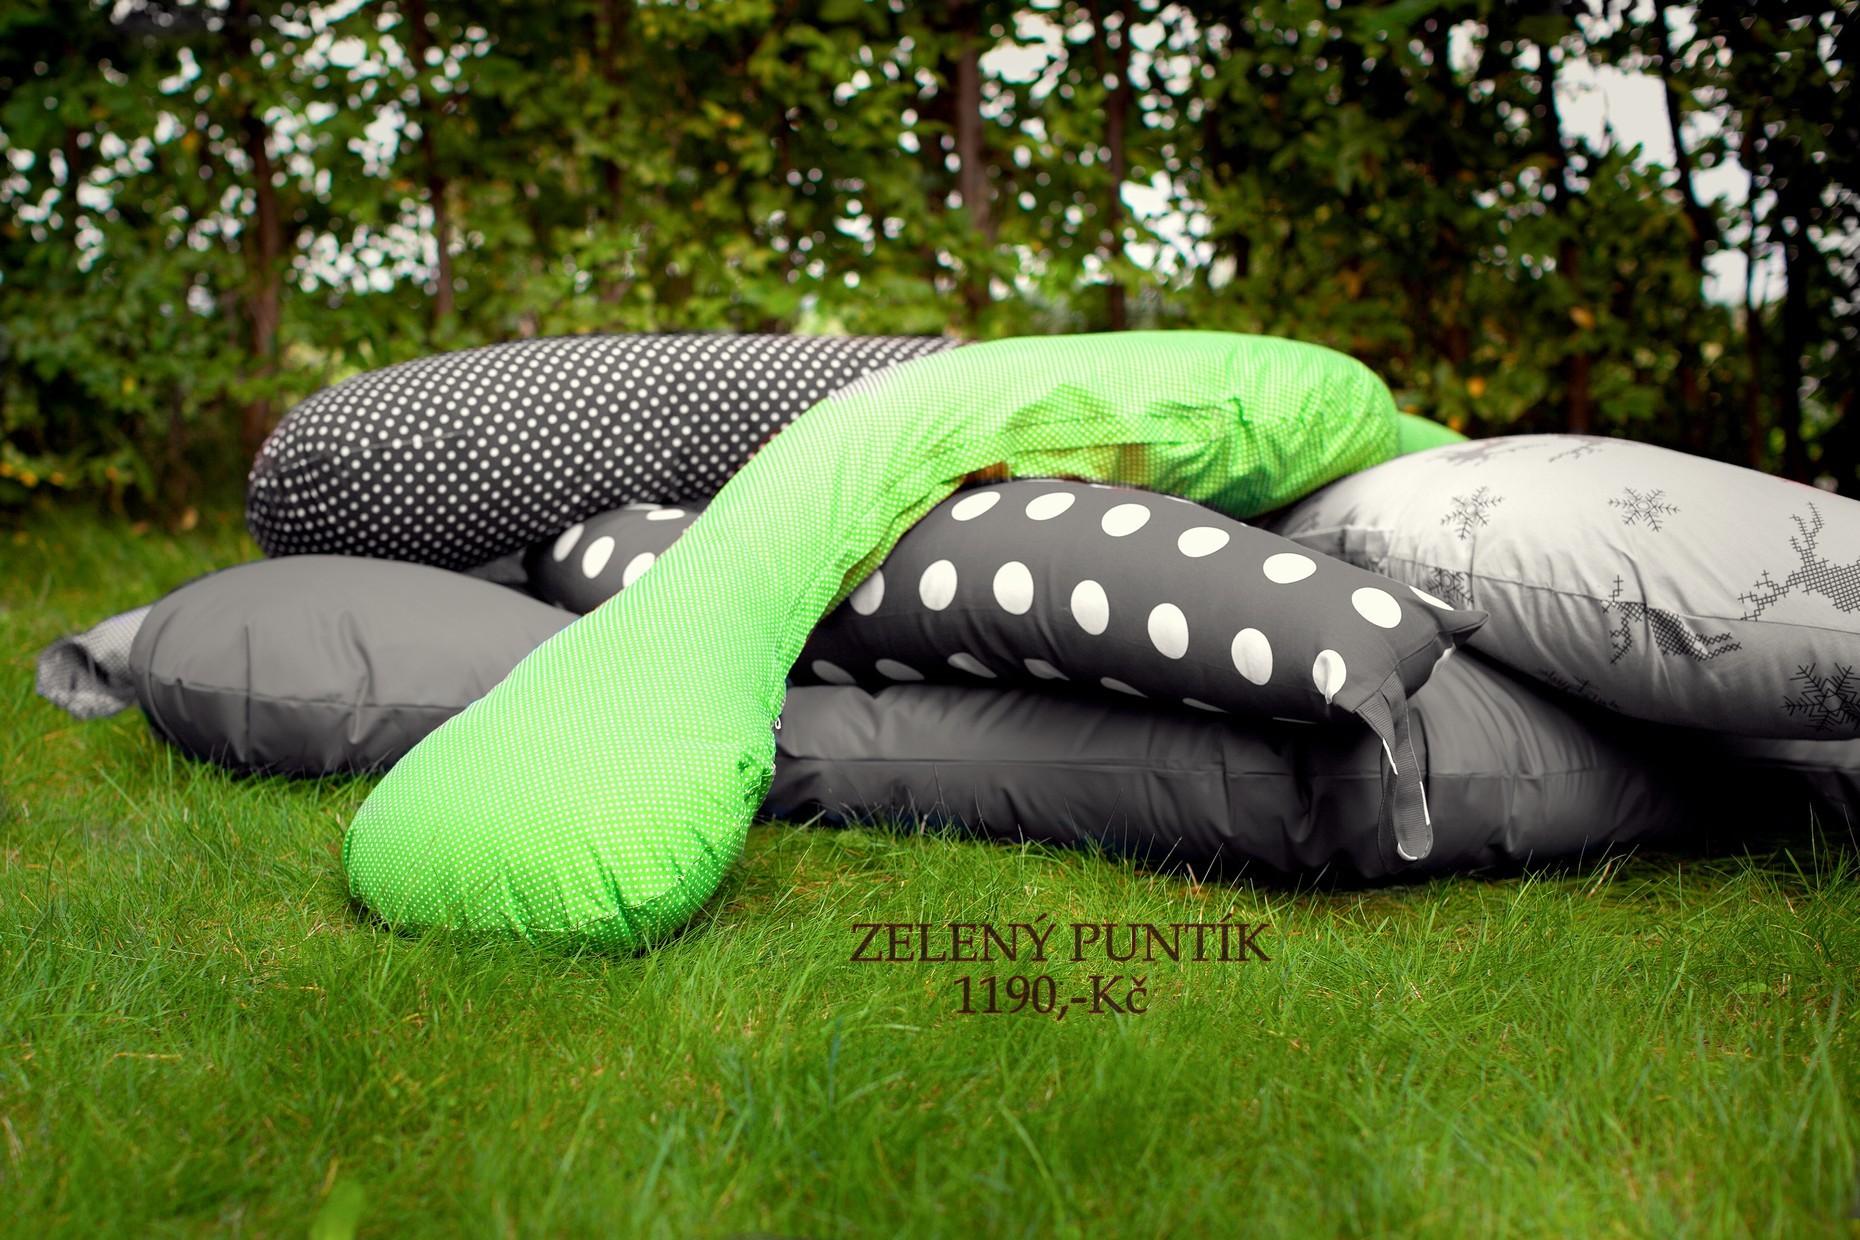 zelený-puntík-2xpmxf27g4ctjjnpu3wlj4